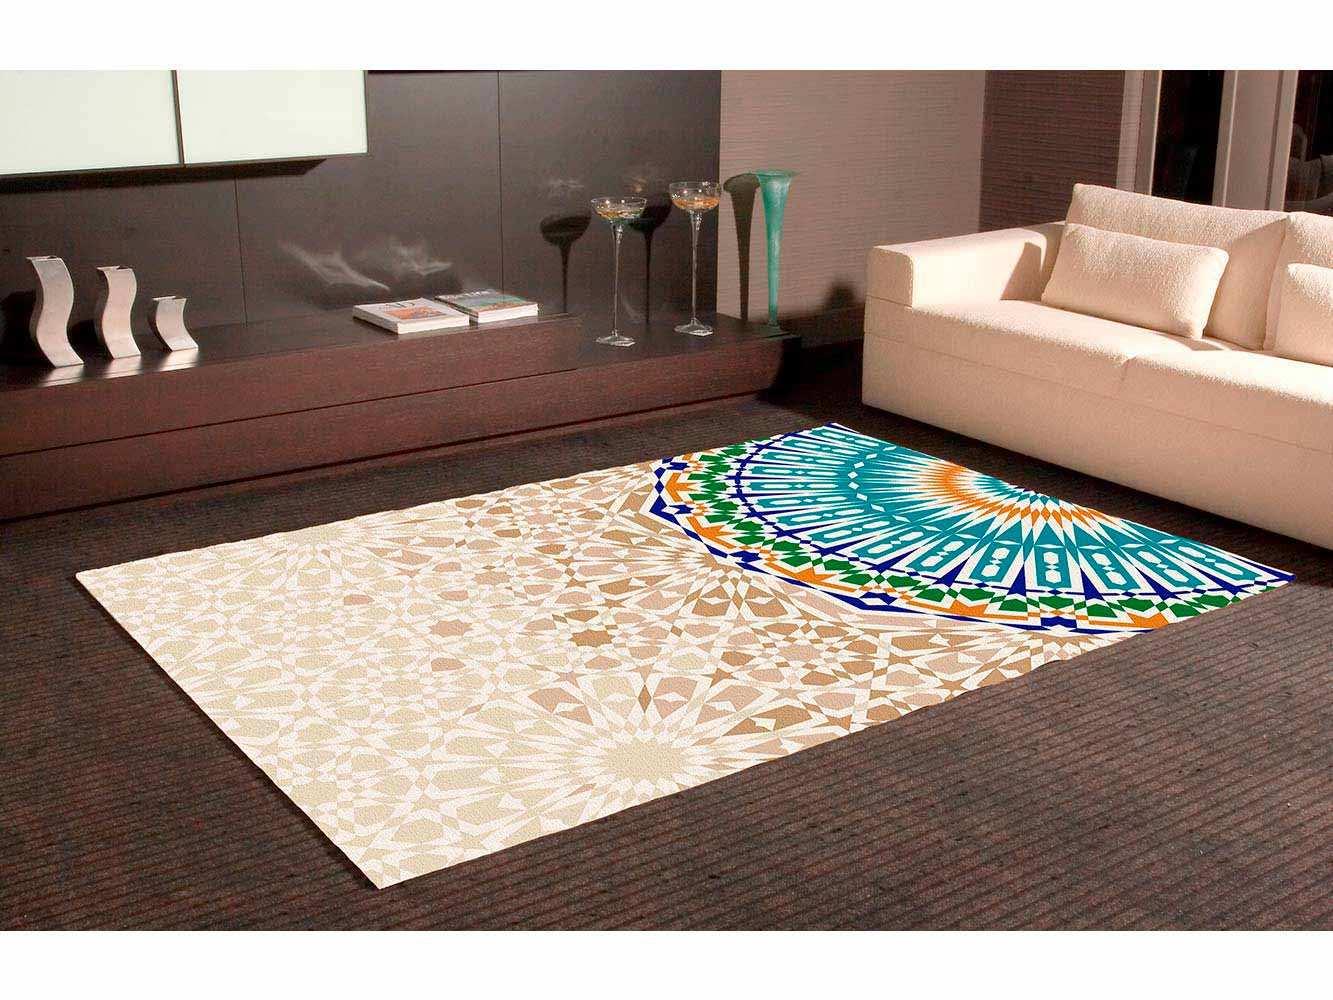 Alfombra PVC Mosaico Marrón Circular | Carteles XXL - Impresión carteleria publicitaria